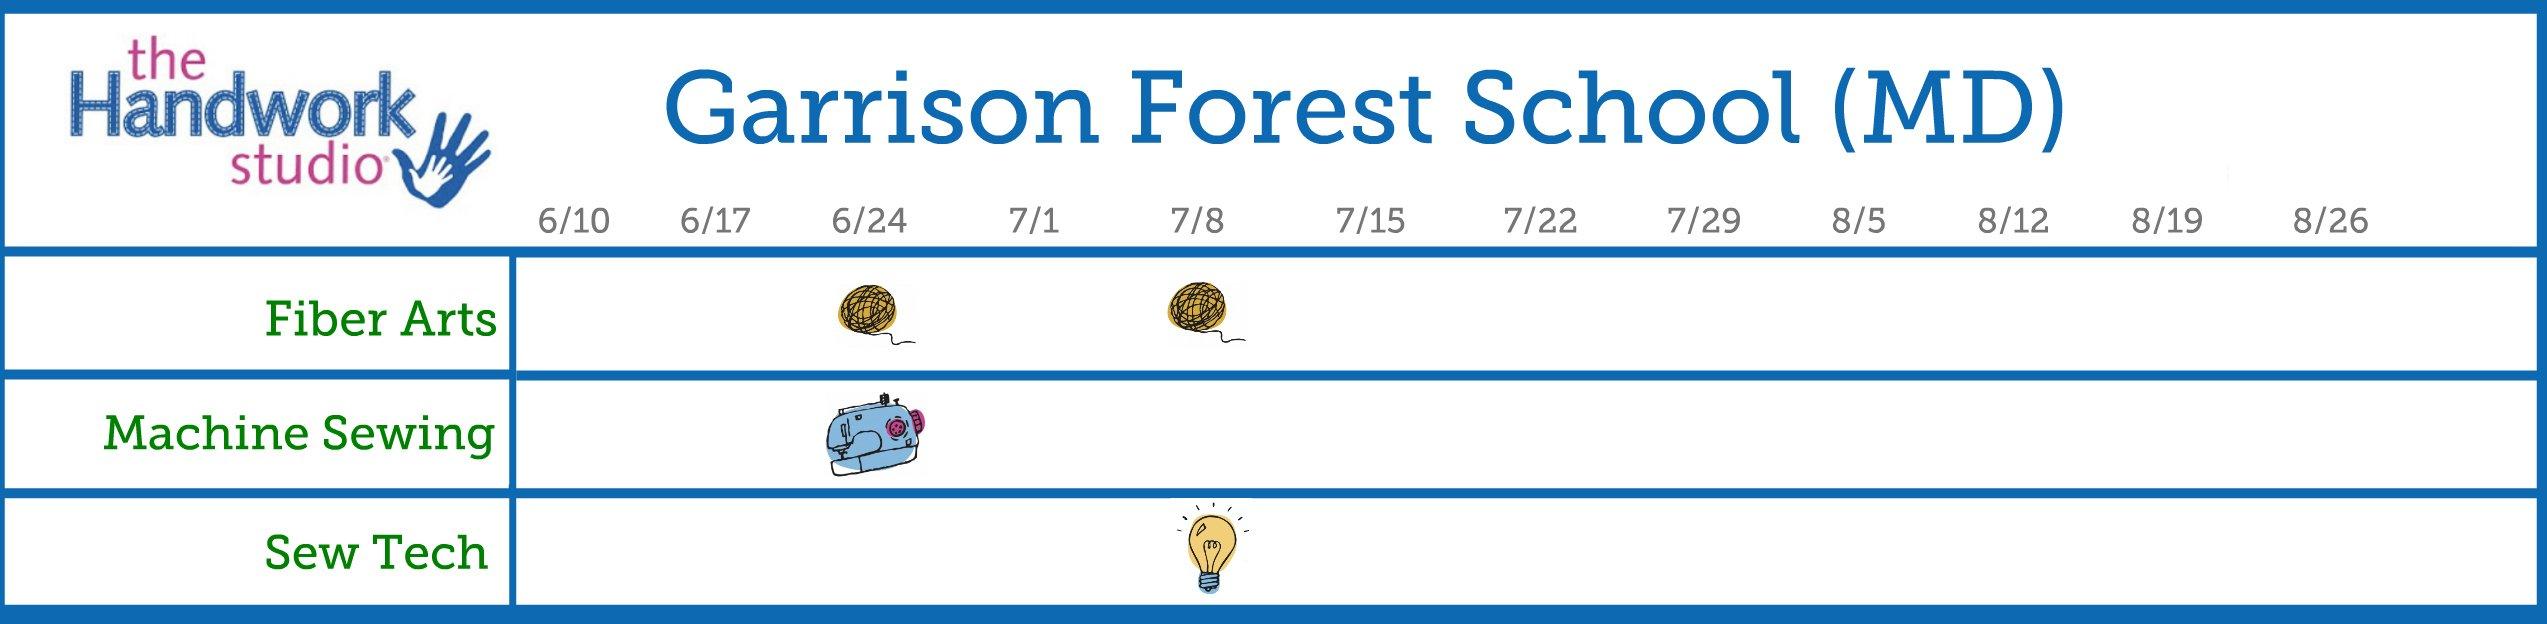 Garrison Forest School Program Schedule 2.0